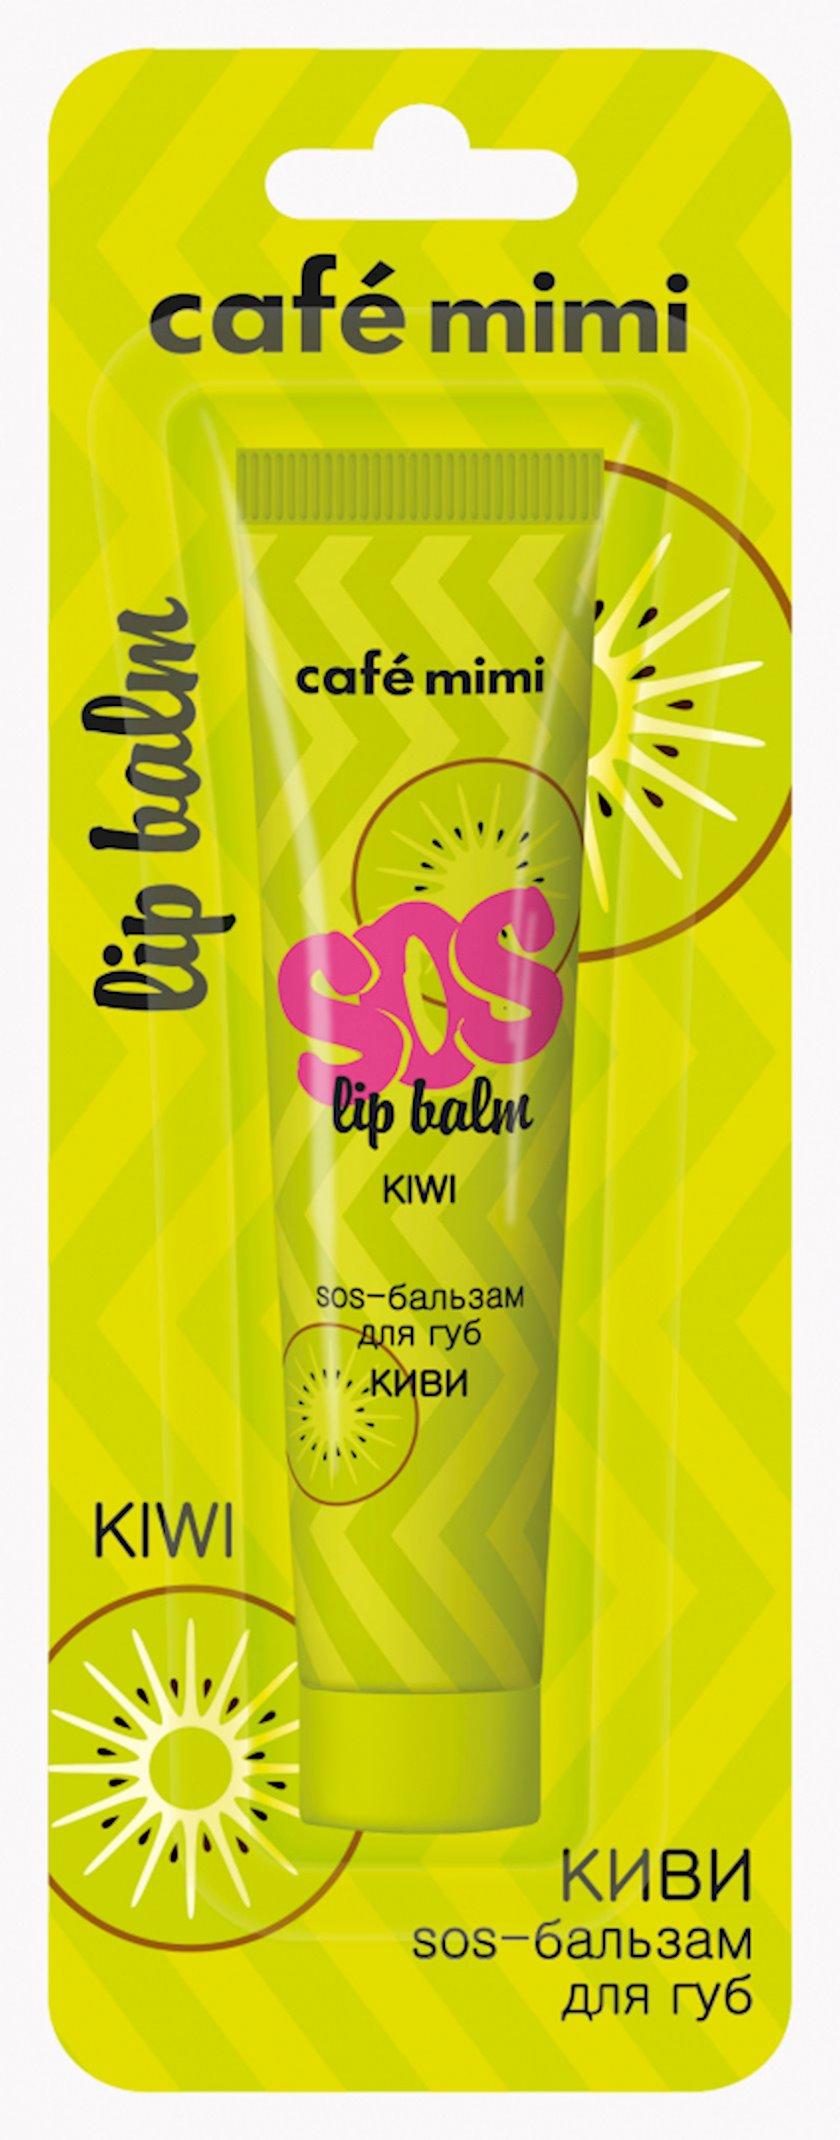 """SOS-balzam dodaq üçün Cafe Mimi """"Кivi"""""""